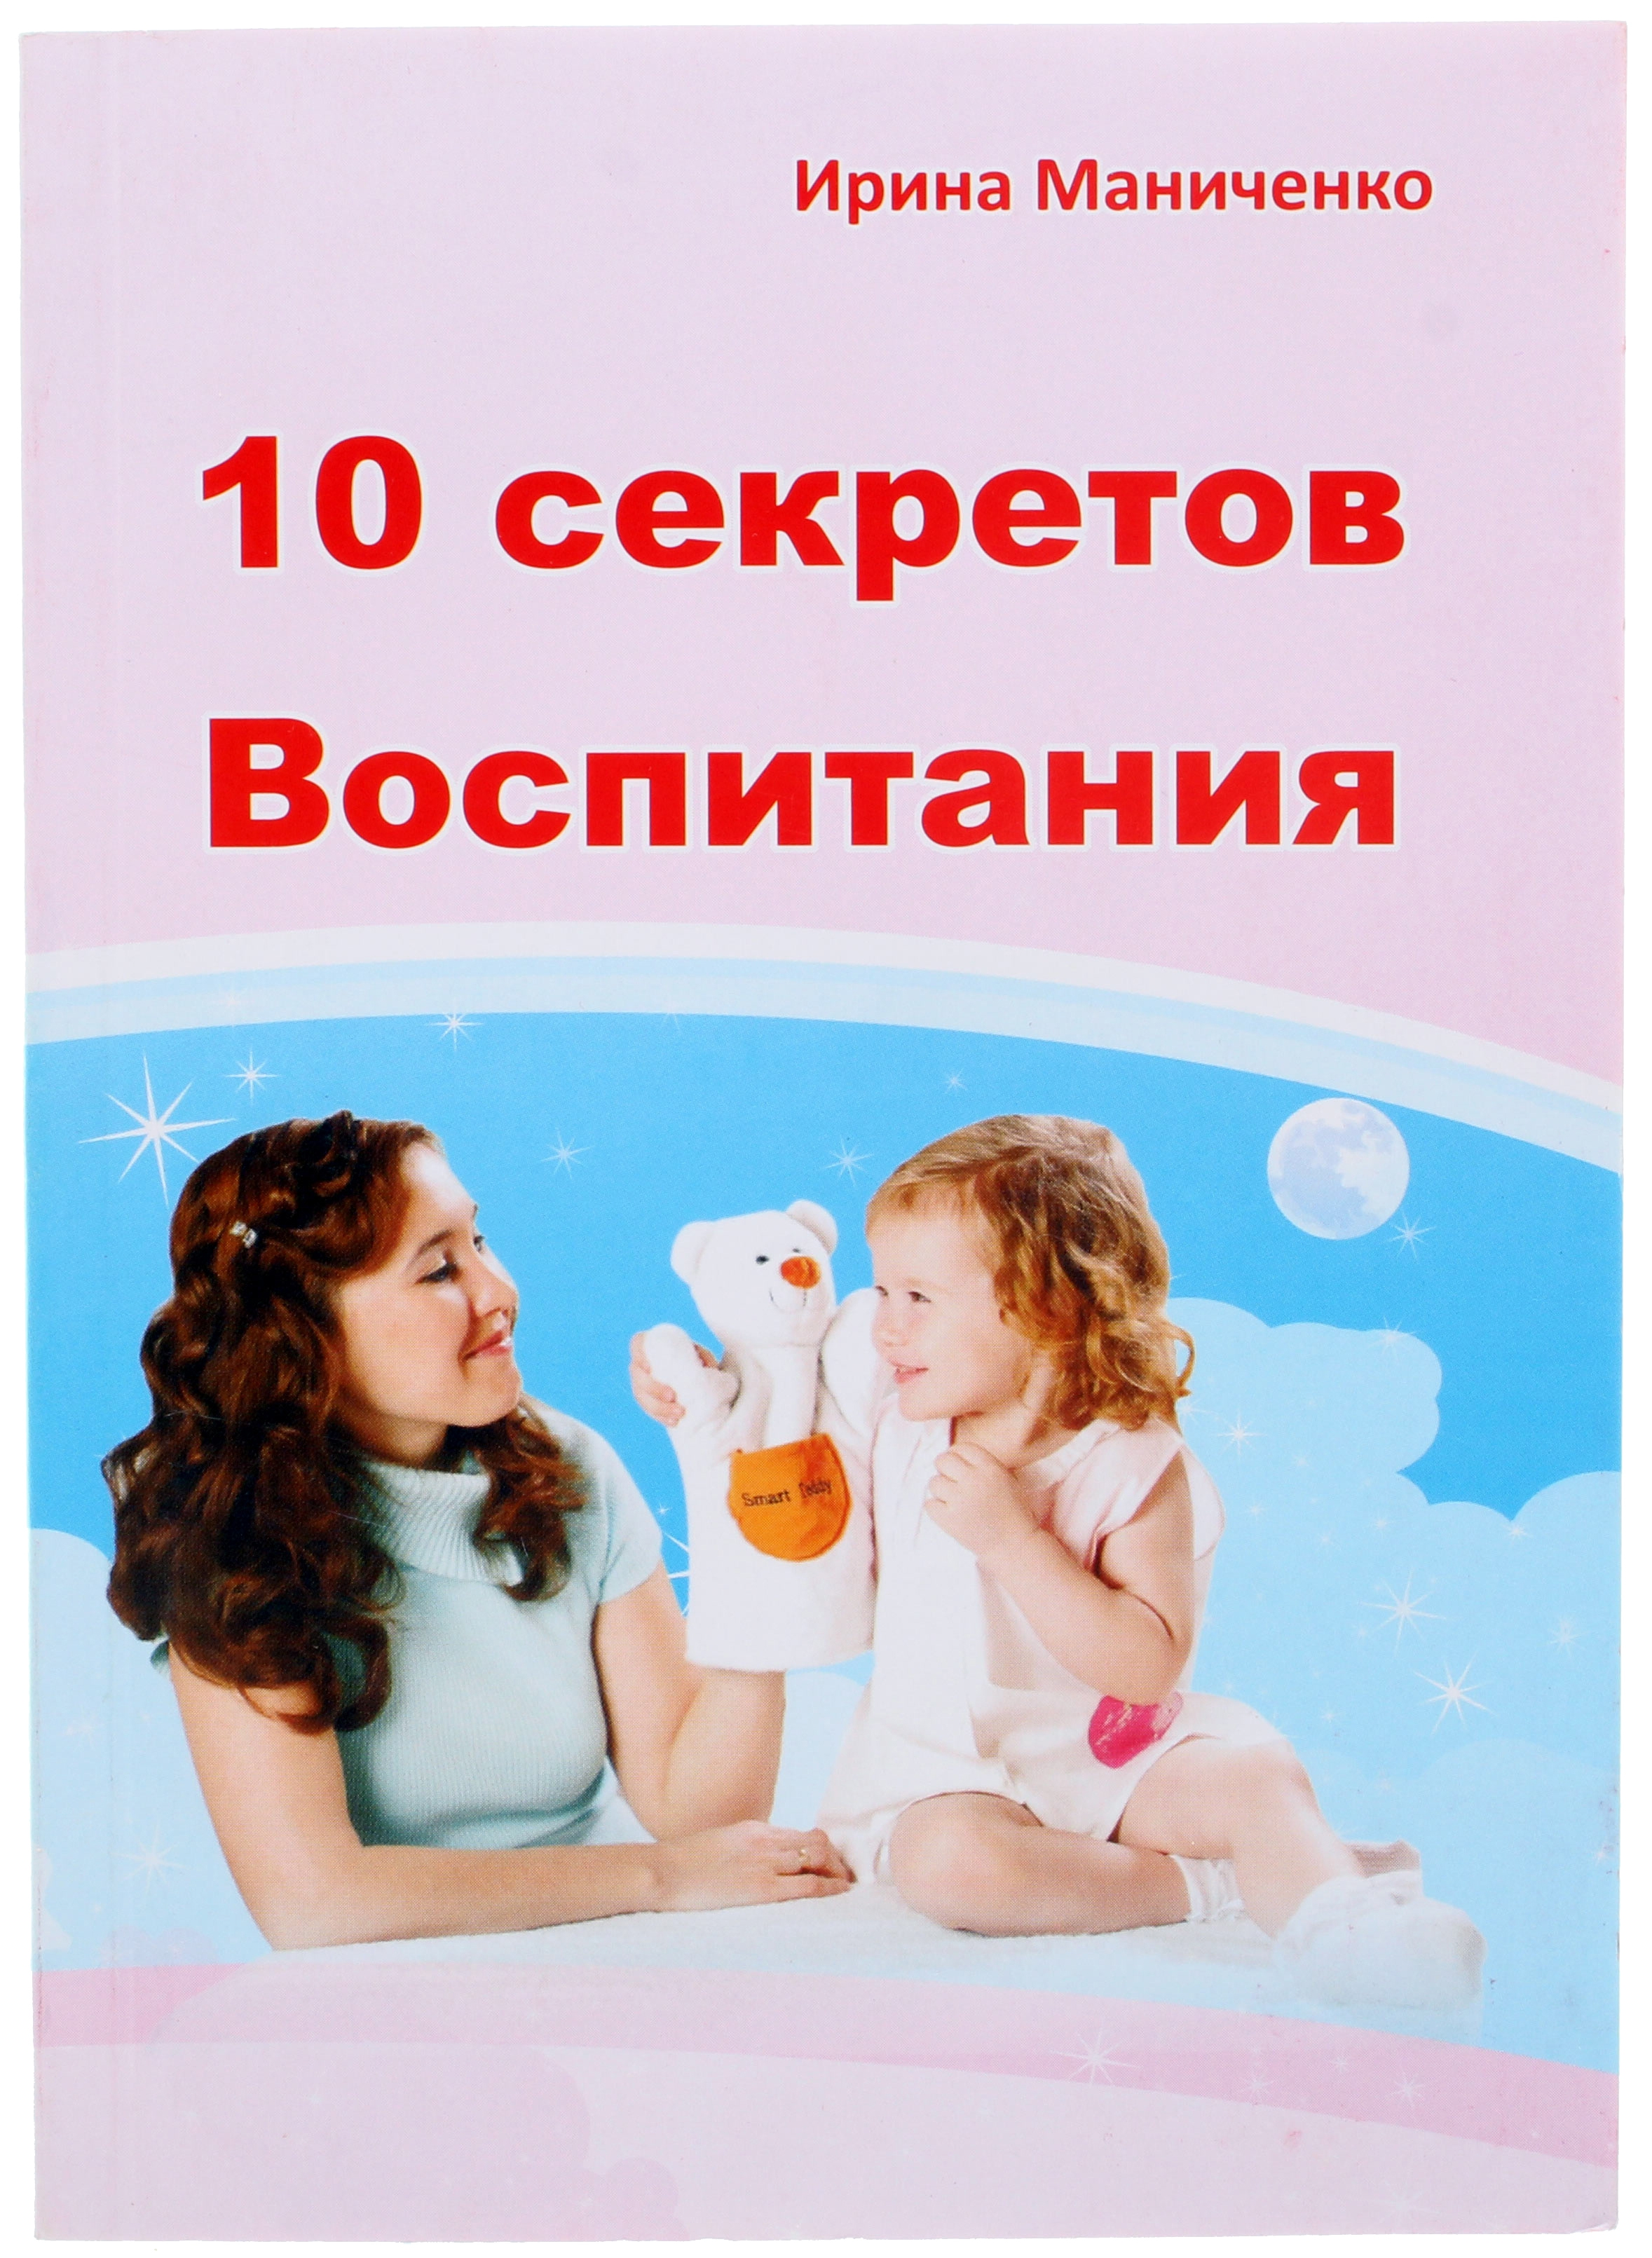 Брошюра Умница «10 секретов воспитания» азат валиев 7 секретов парфюмера или как правильно выбрать духи